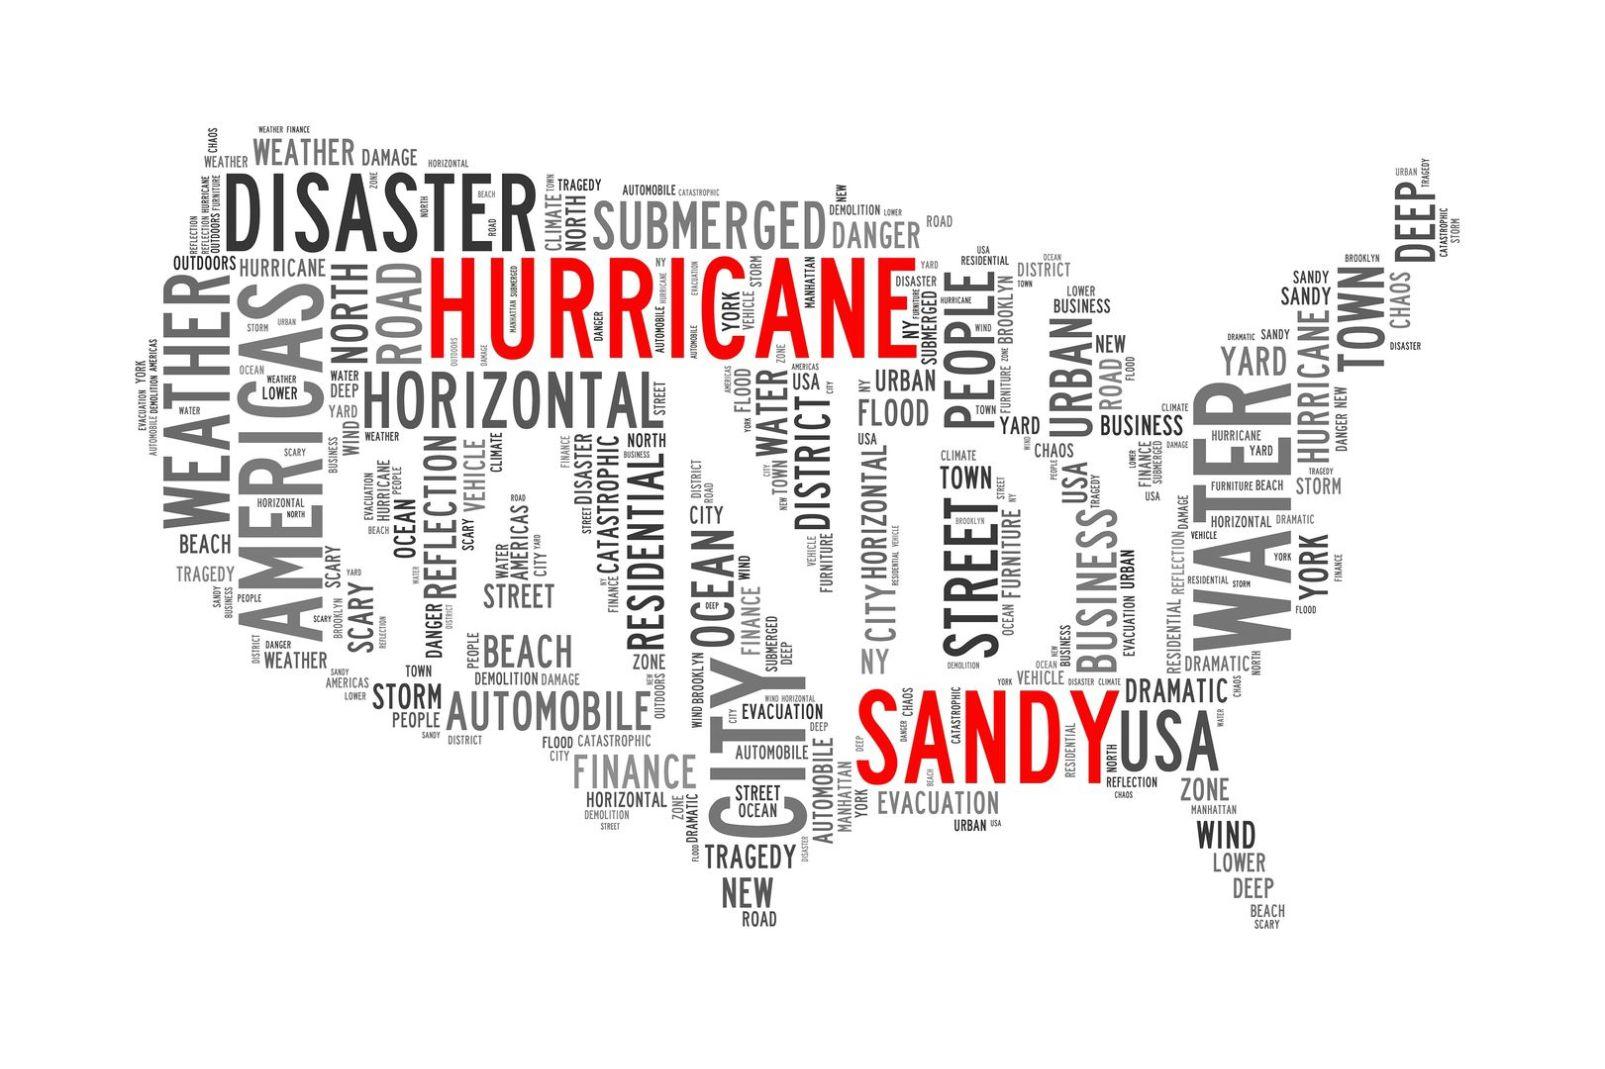 Hurricane Sandy on Social Media